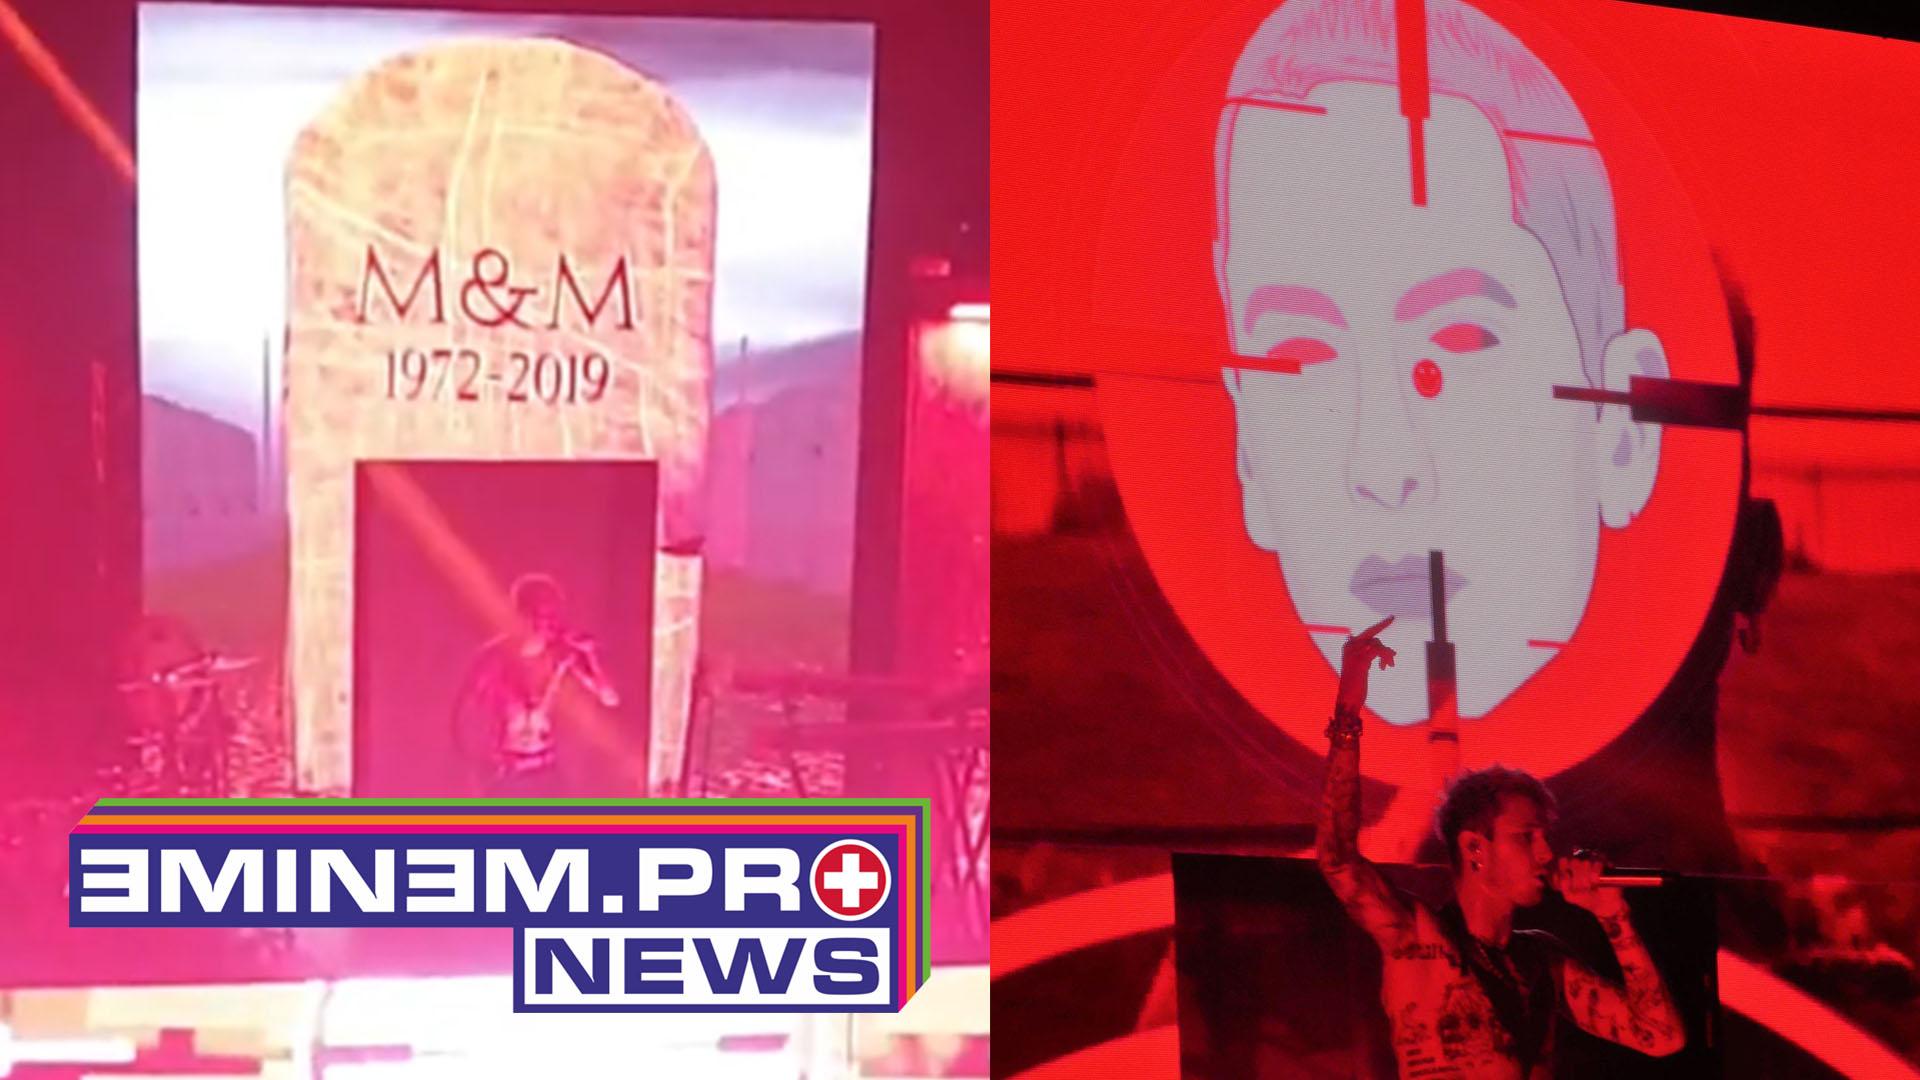 Во время исполнения дисс-трека «Rap Devil» в Лондоне MGK показывал надгробье Эминема на сцене